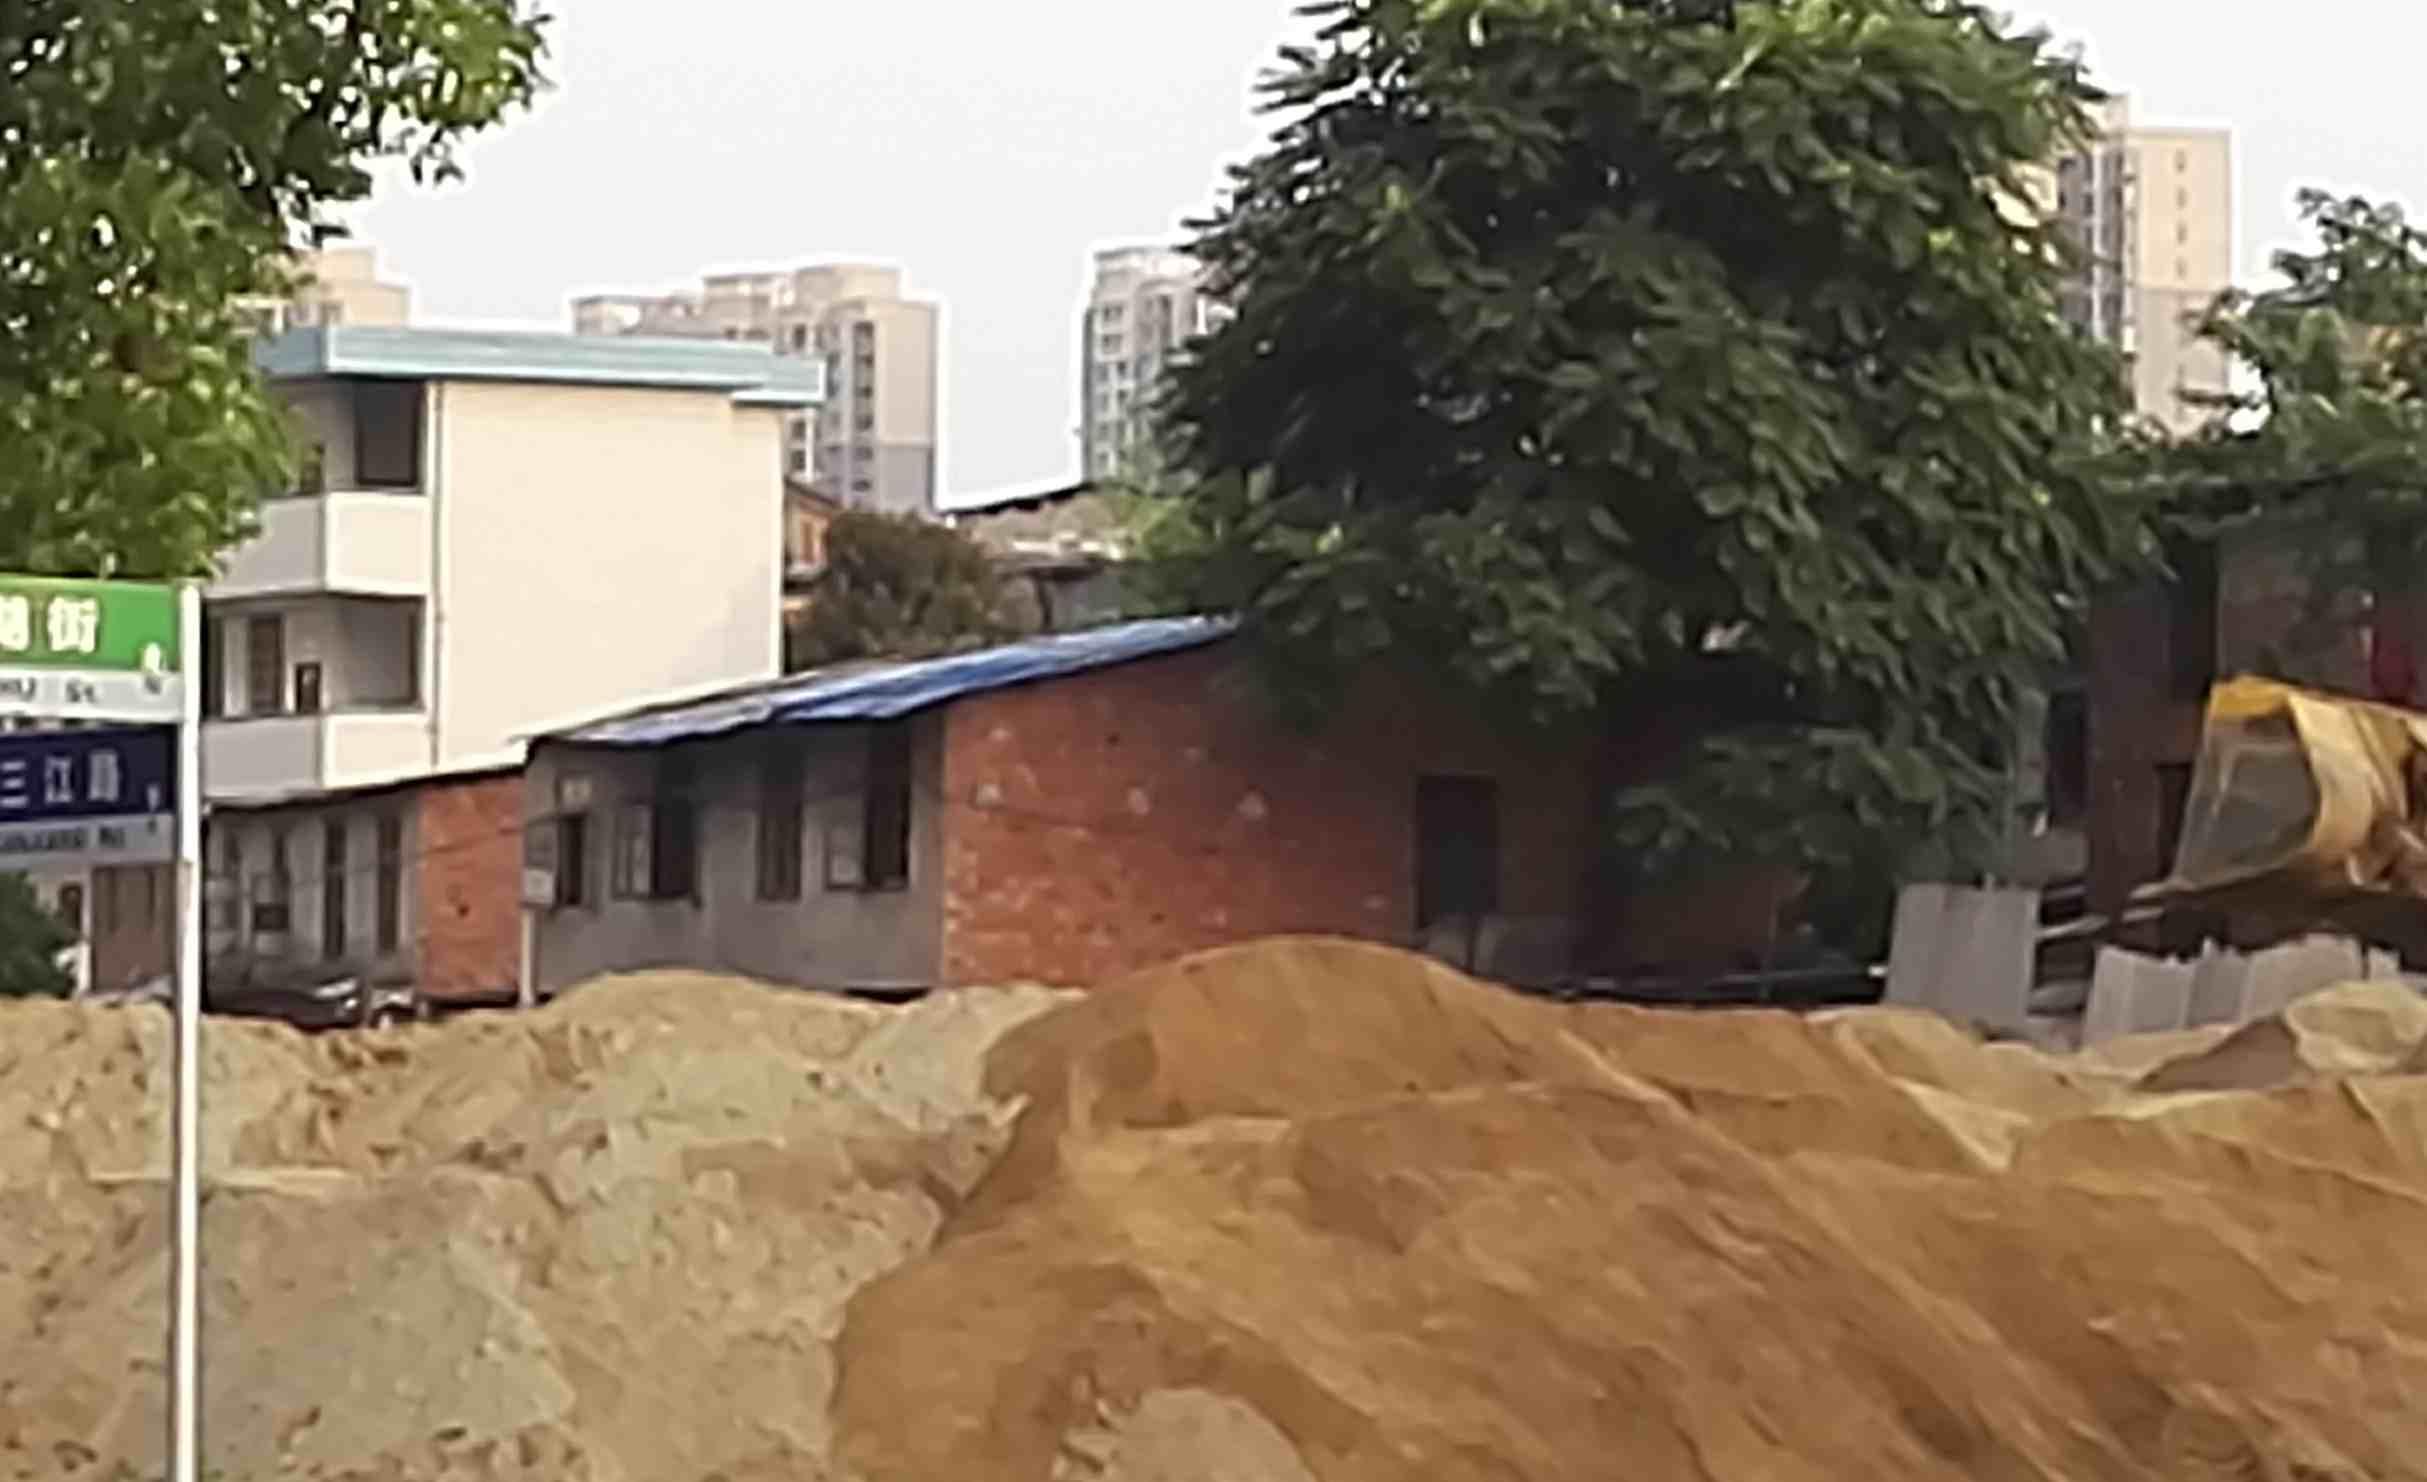 区建材沙石市民交易场严重扰乱了水泥的正常生床用小学生图片